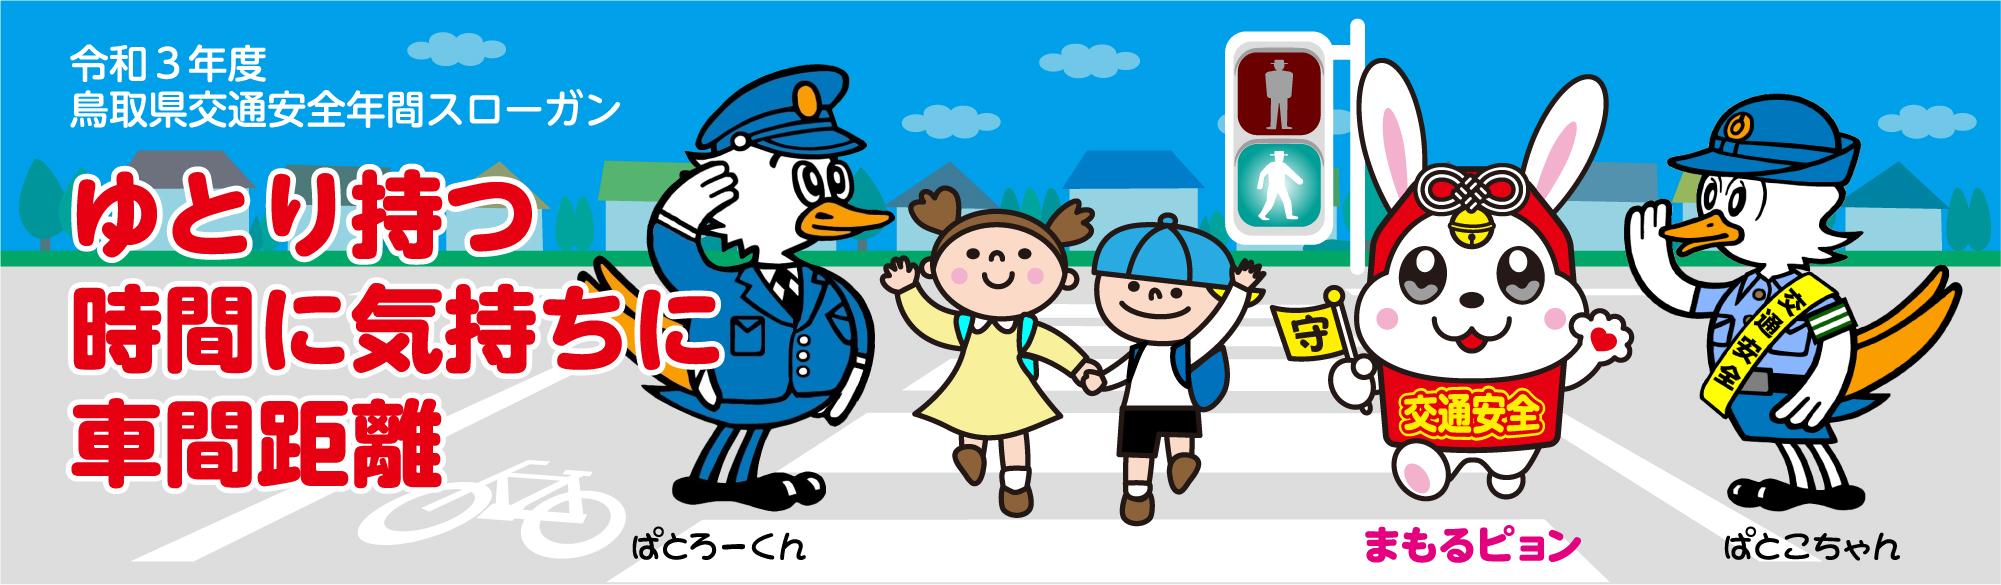 鳥取県交通安全協会マスコットキャラクター「まもるピョン」